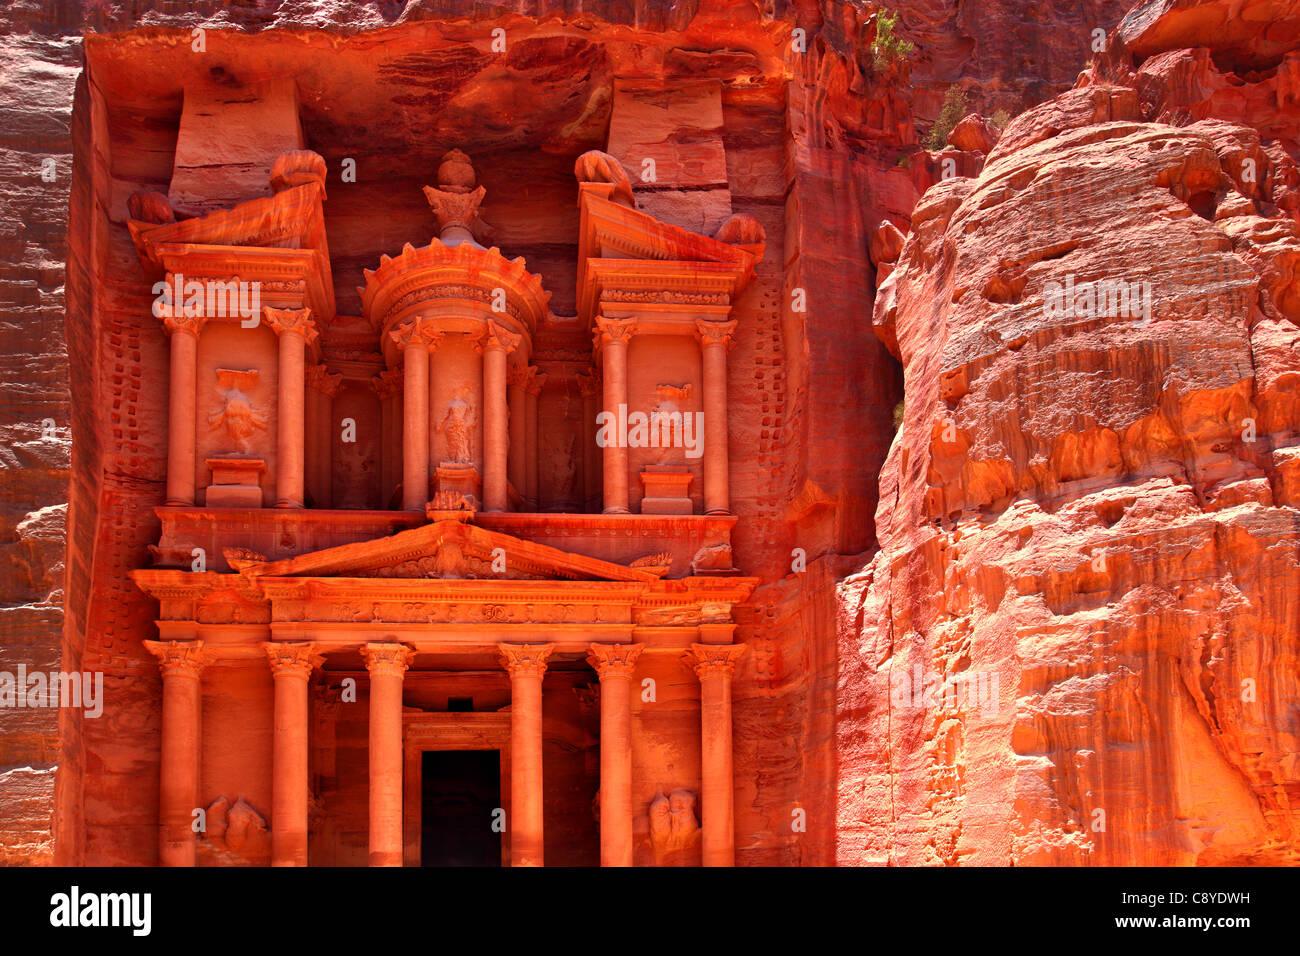 Treasury temple at Petra (Al Khazneh), Jordan - Stock Image